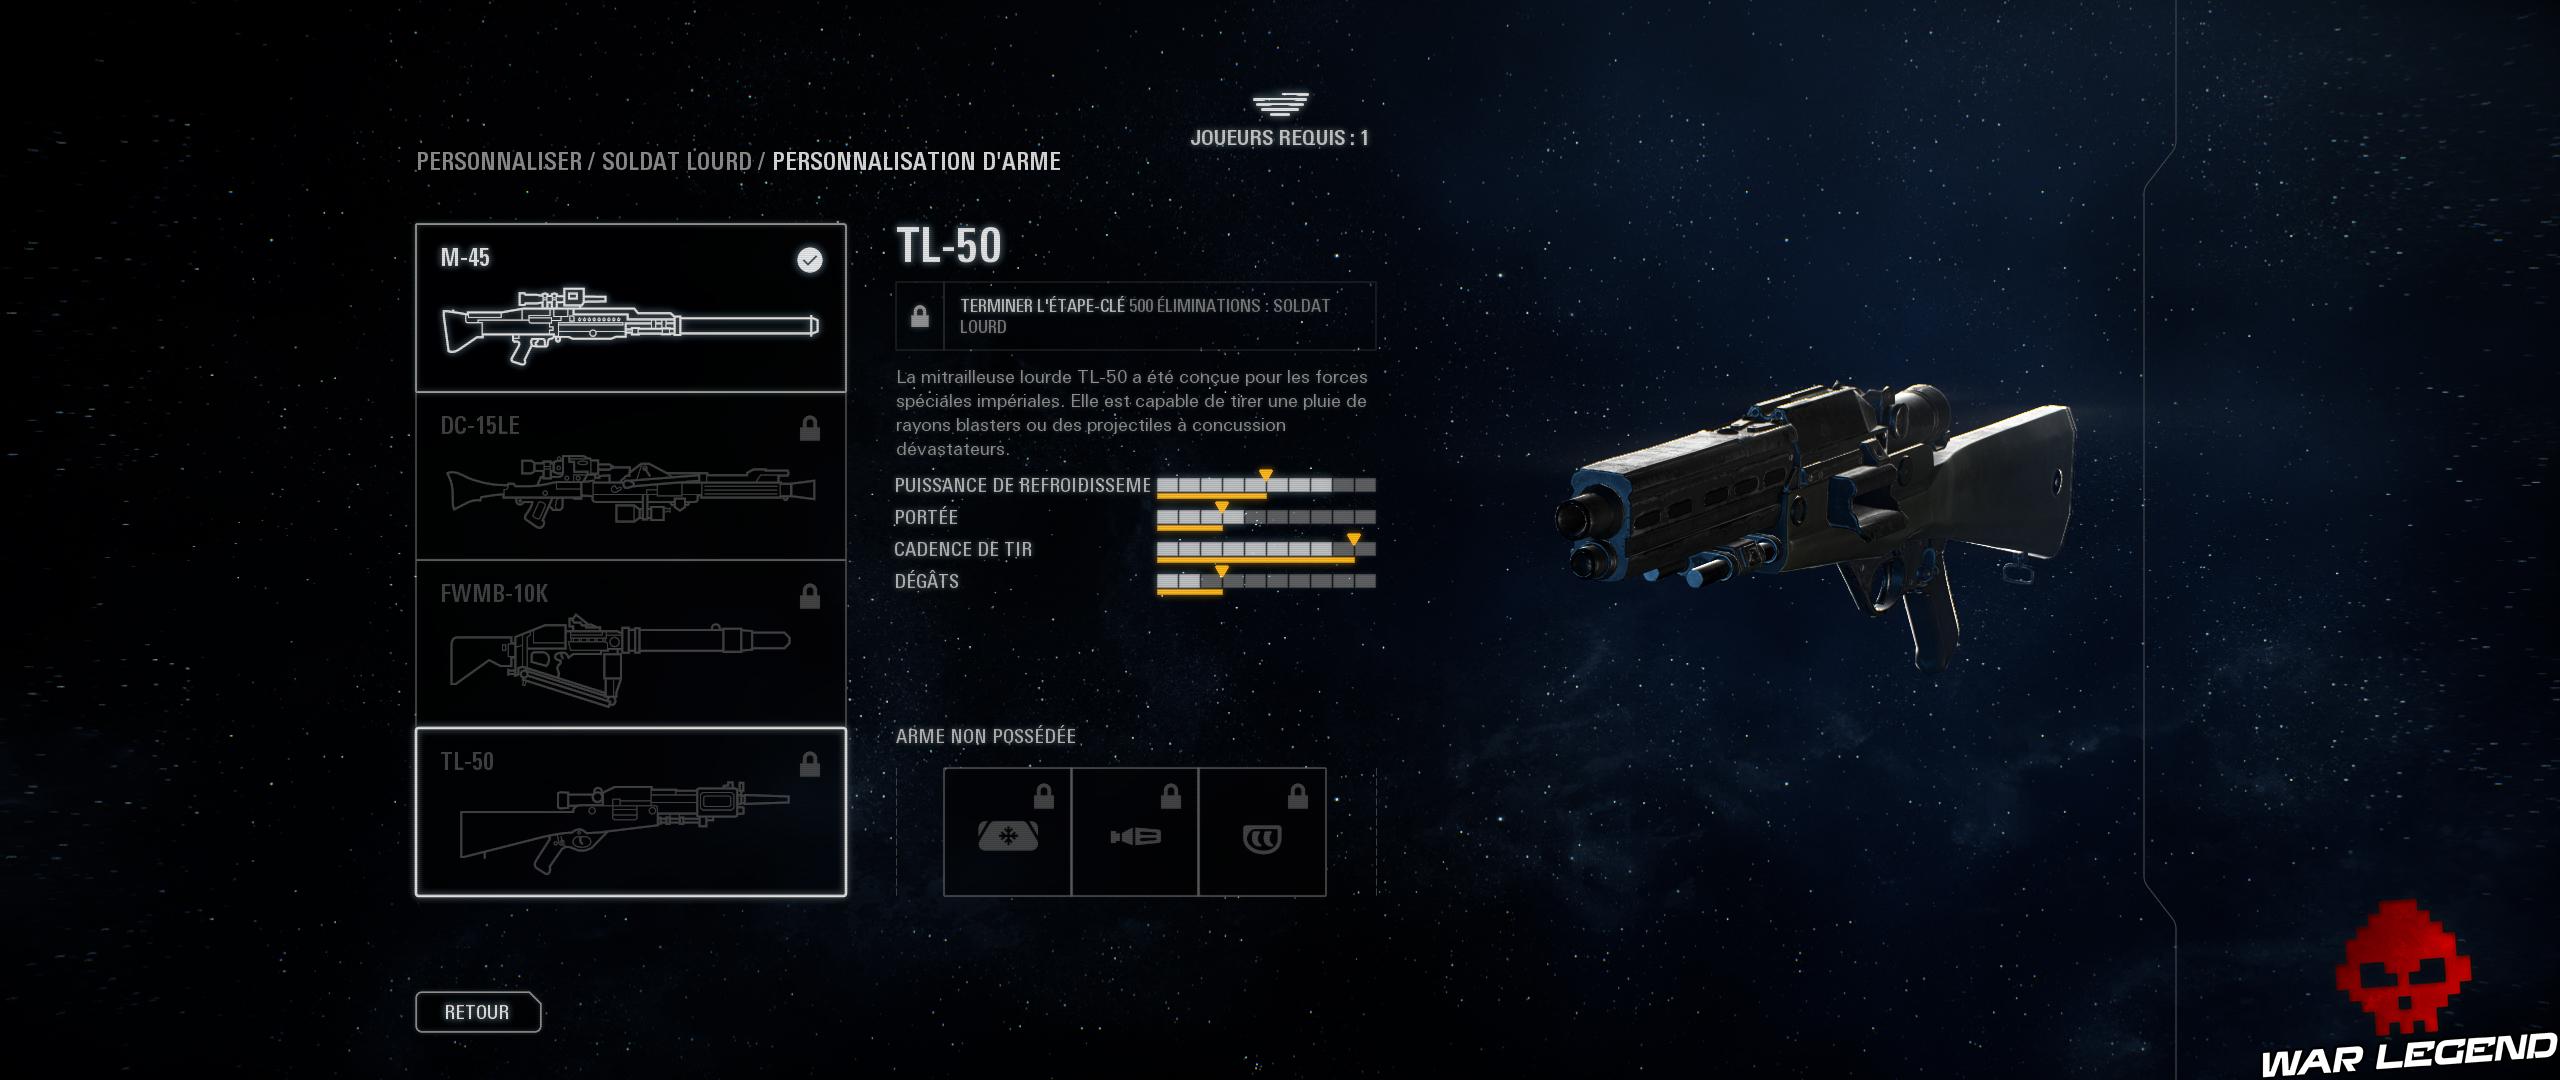 fenêtre de description d'une arme